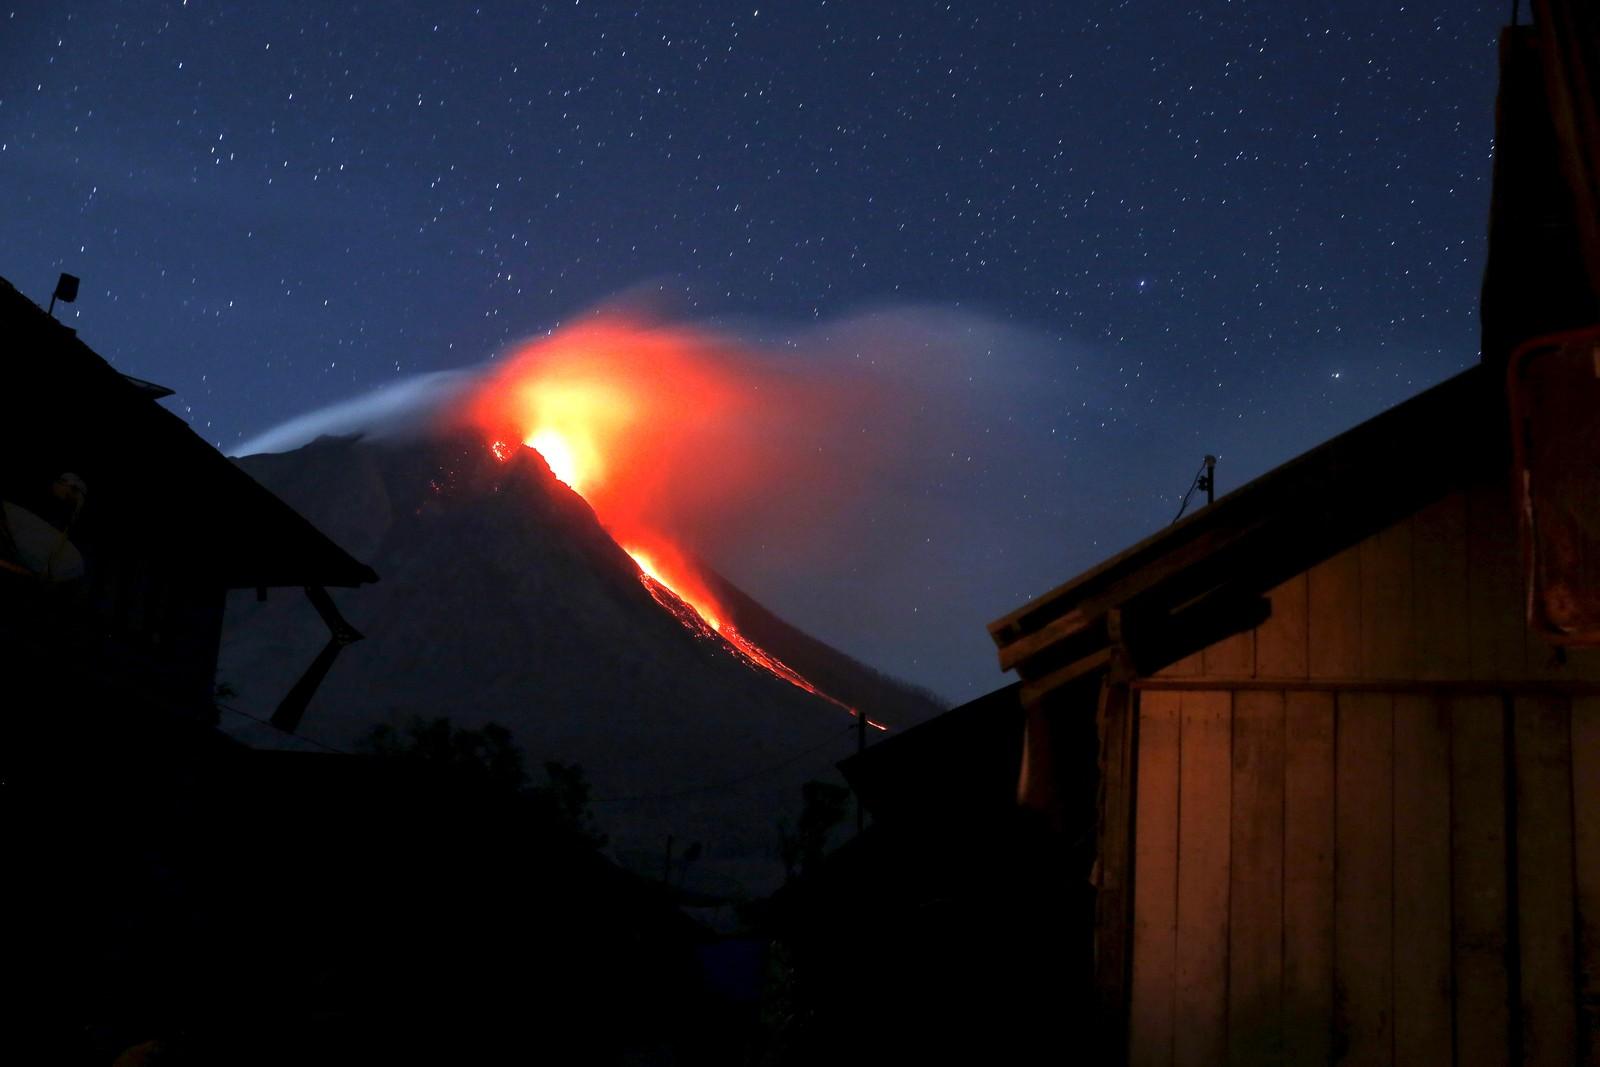 Vulkanen Mount Sinabung i Indonesia spyr lava. I forgrunnen kan man se den evakuerte byen Beras Tepu, som ligger i faresonen. Bildet er tatt 21. juni.